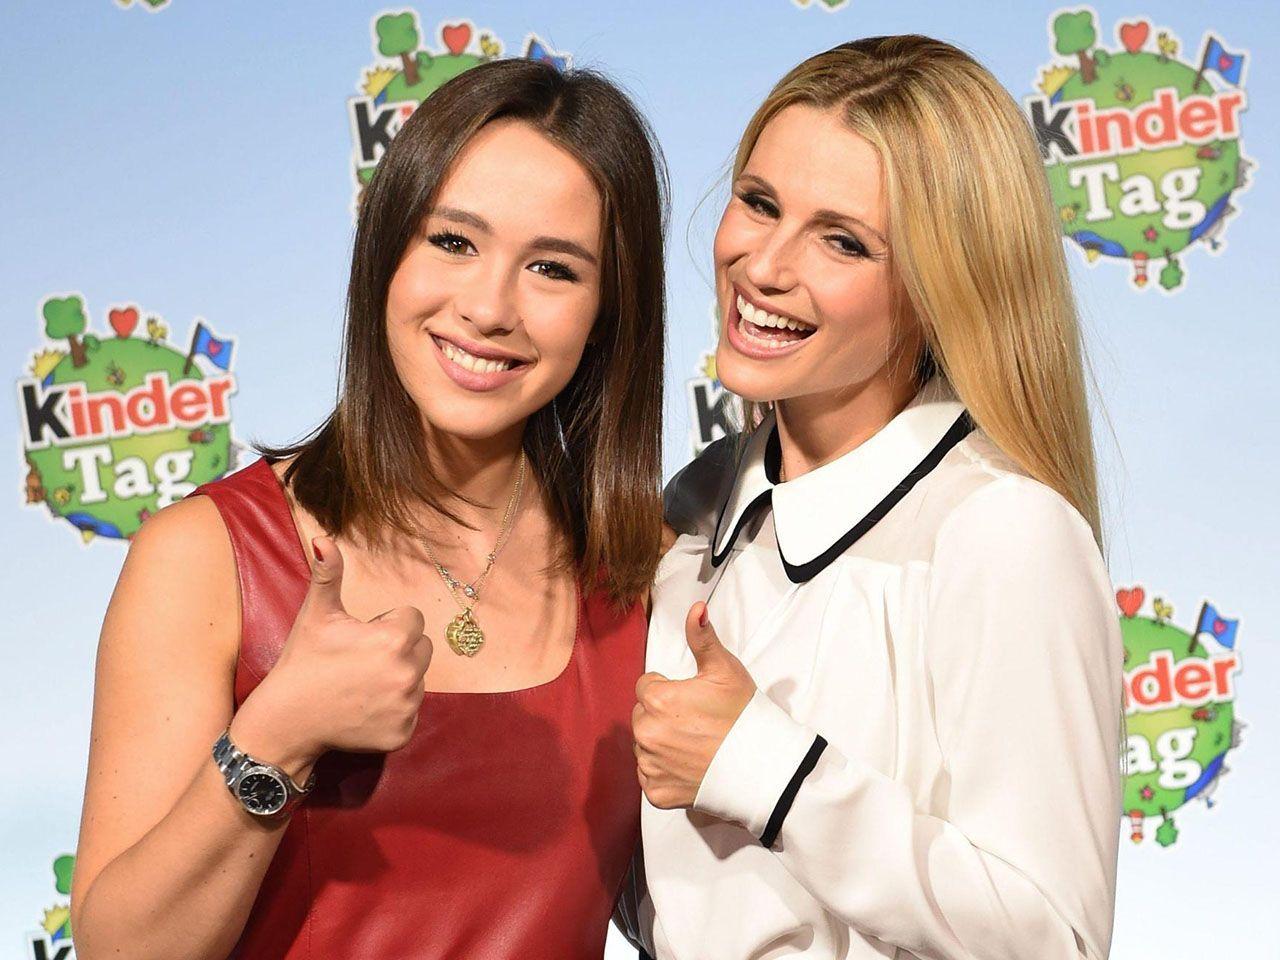 Michelle Hunziker e Aurora Ramazzotti in Vuoi Scommettere? Prima volta insieme in TV